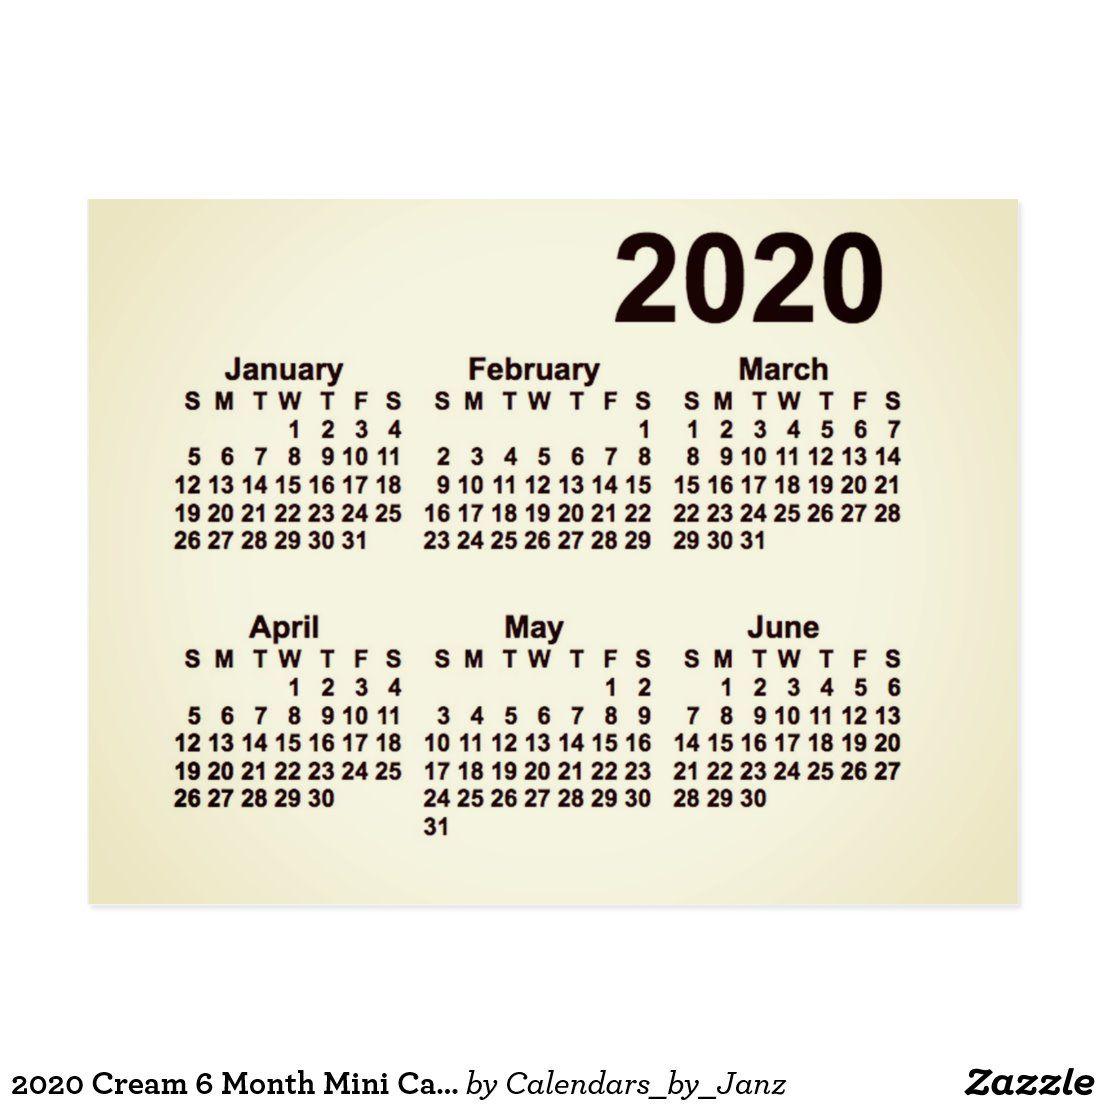 2020 Cream 6 Month Mini Calendar By Janz Postcard In 2020 Mini Calendars Calendar Design Custom Calendar